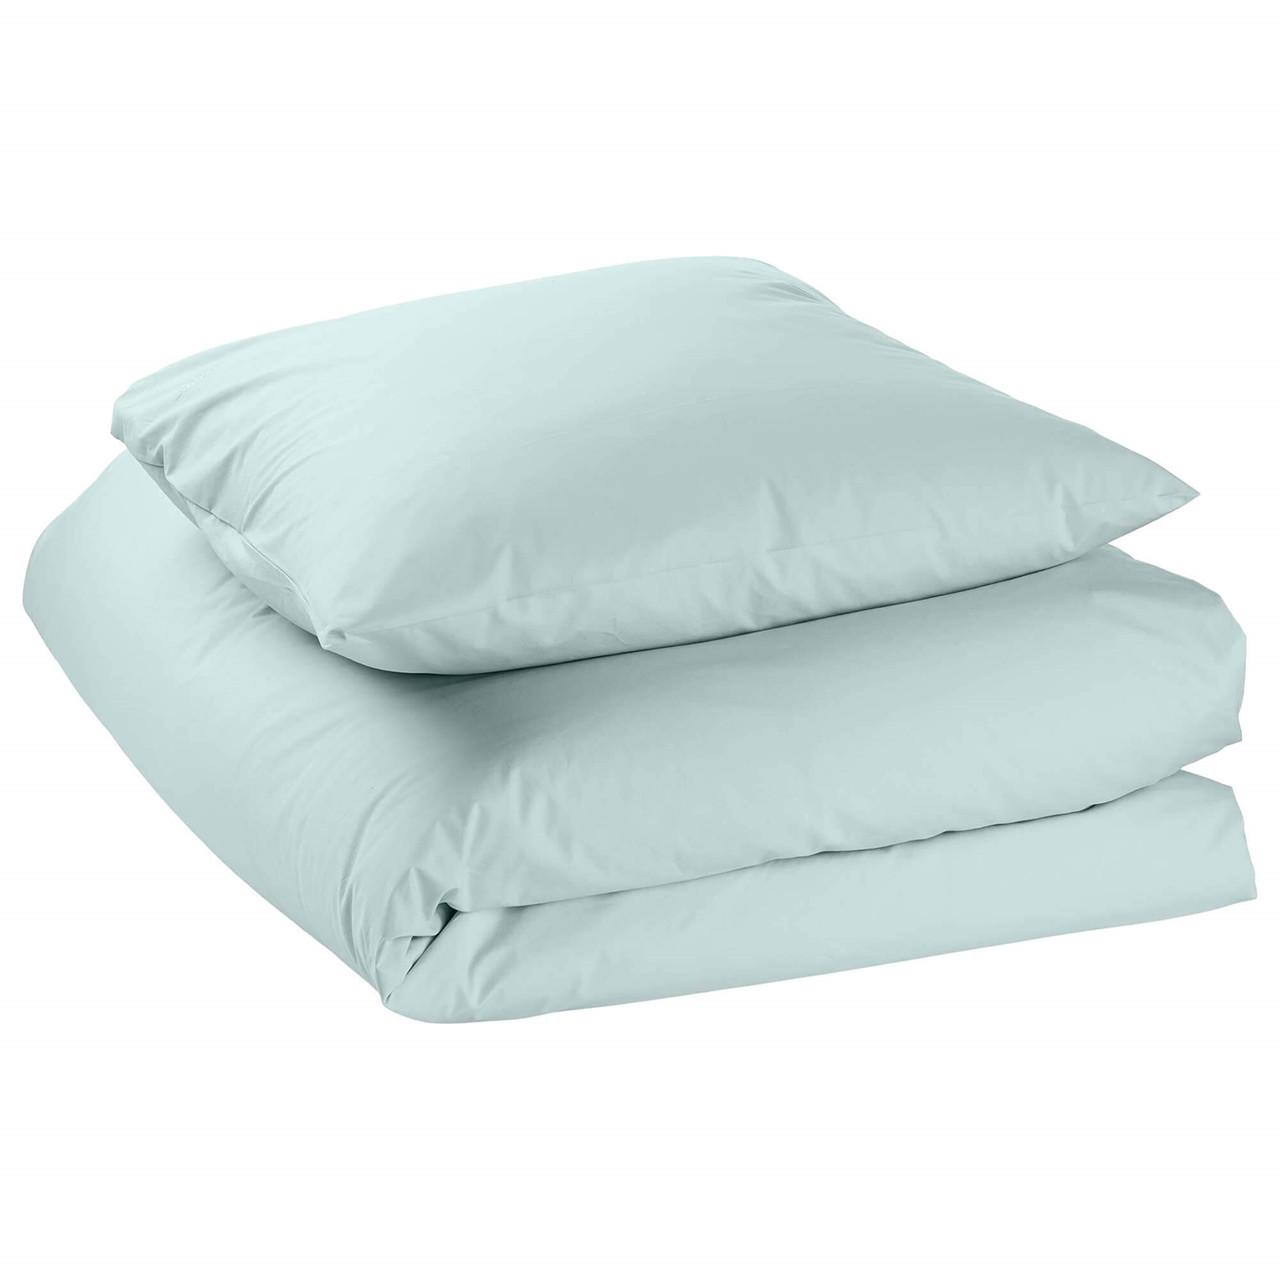 Køb PERCALE sengetøj Horisont (Horisont, 1 stk. 50×70-Pude / 1 stk. 140×220-Dyne)